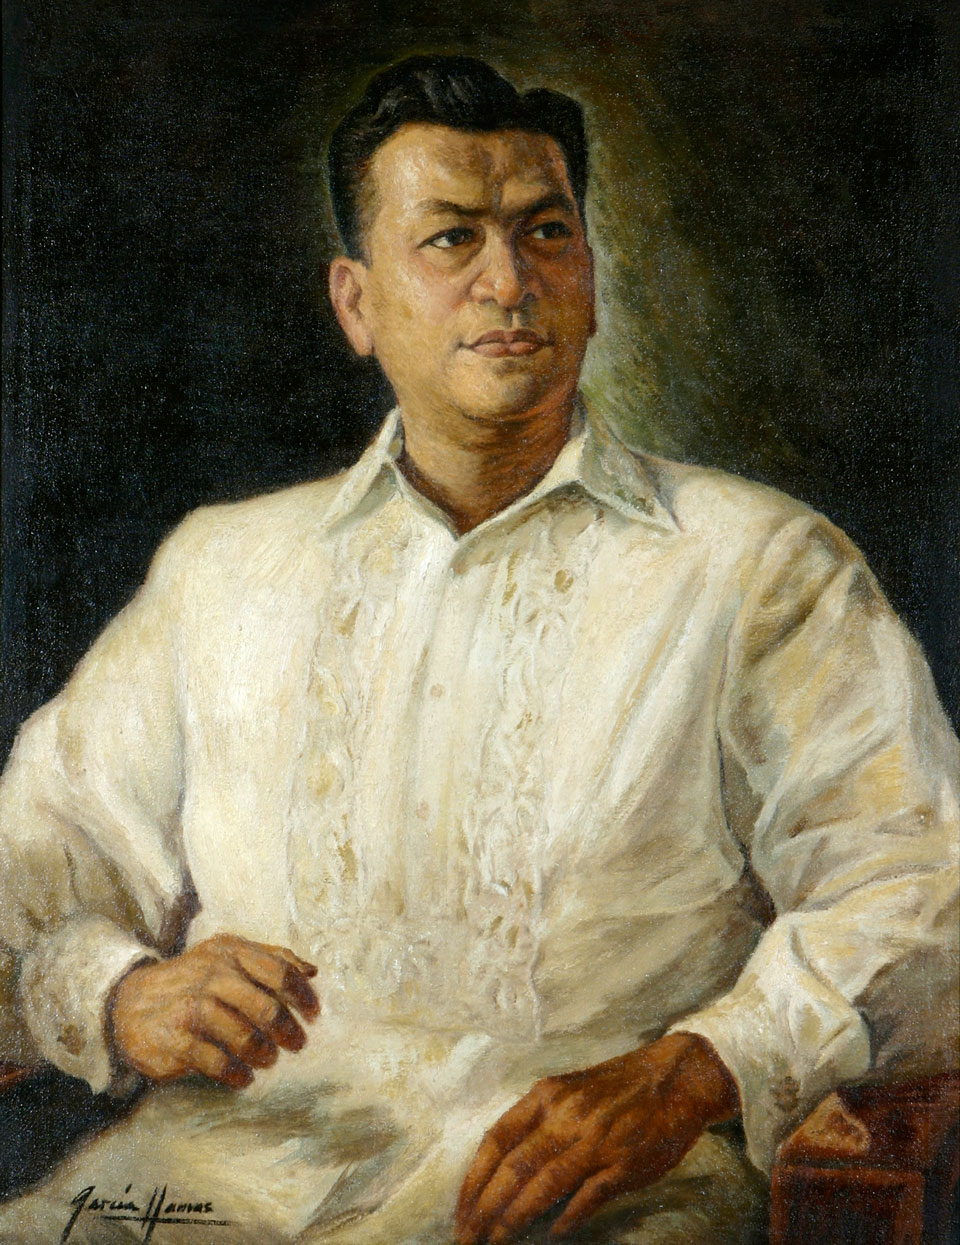 President Magsaysay in Barong Tagalog